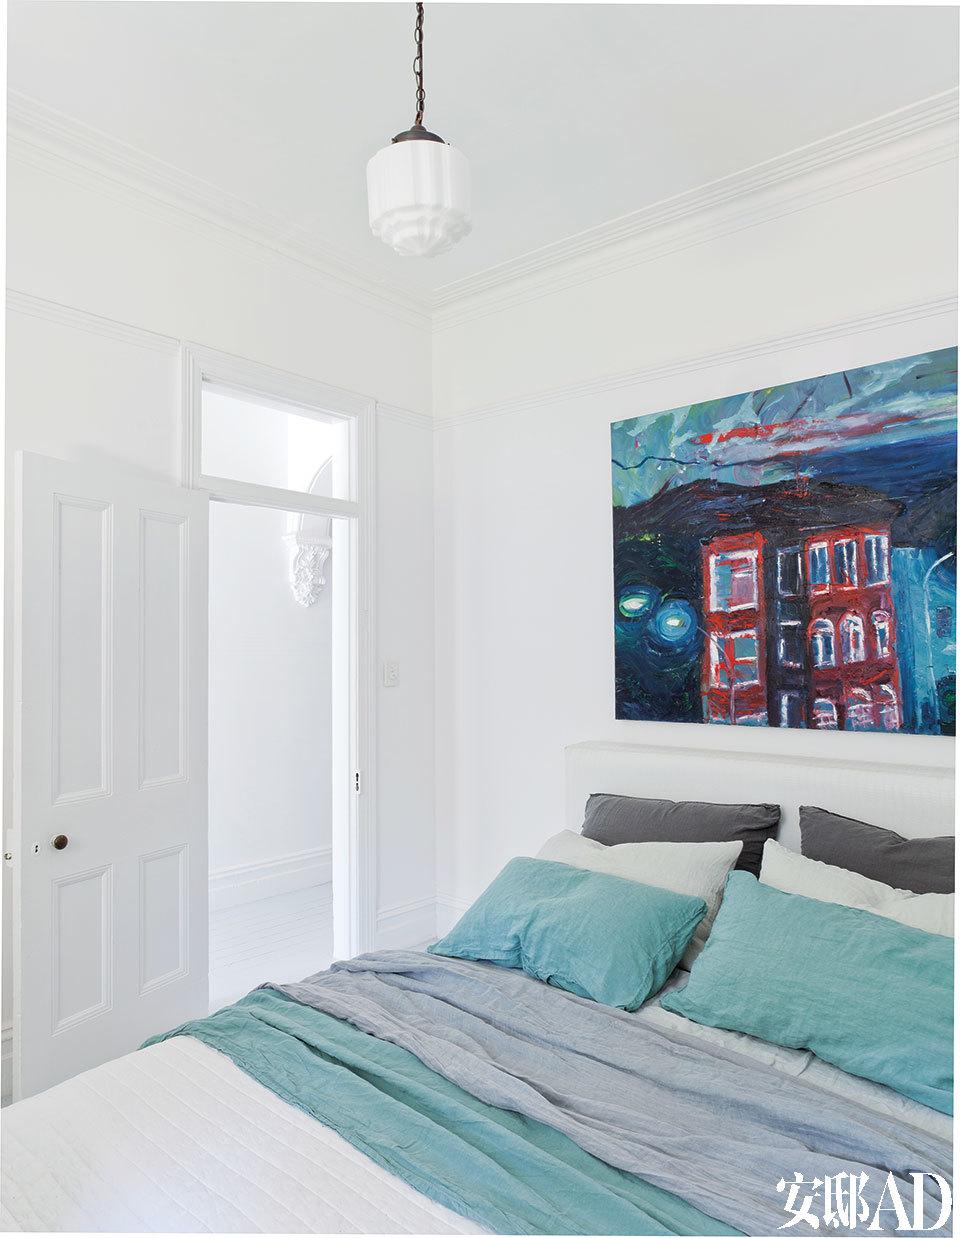 进门后的第一间卧室是主人用来招待自己众多国际宾客的客房。床上用品来自Ondene,床头的画作是当地画家所描绘的邦迪海滩。吊灯来自Chippendale Restorations。